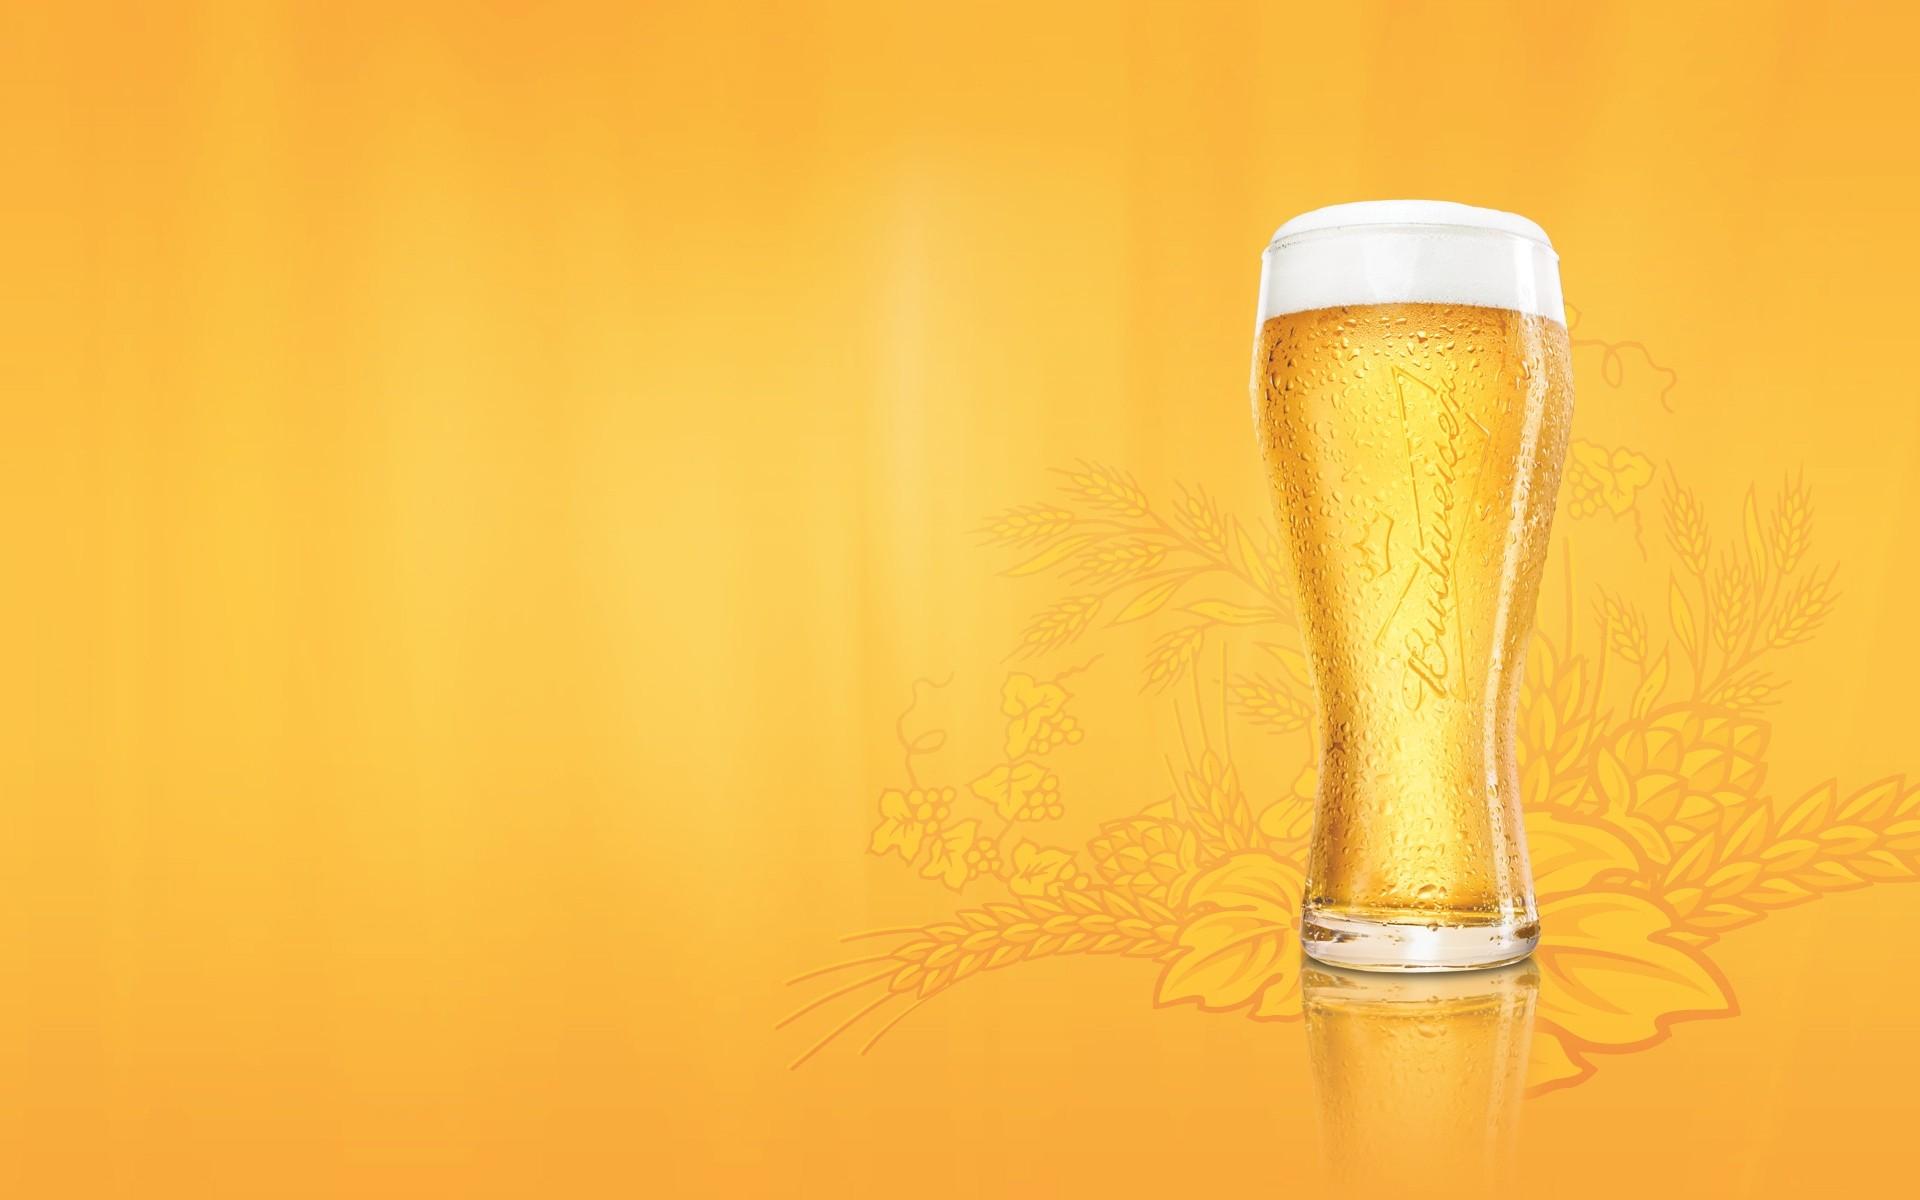 Vaso de cerveza dorada - 1920x1200